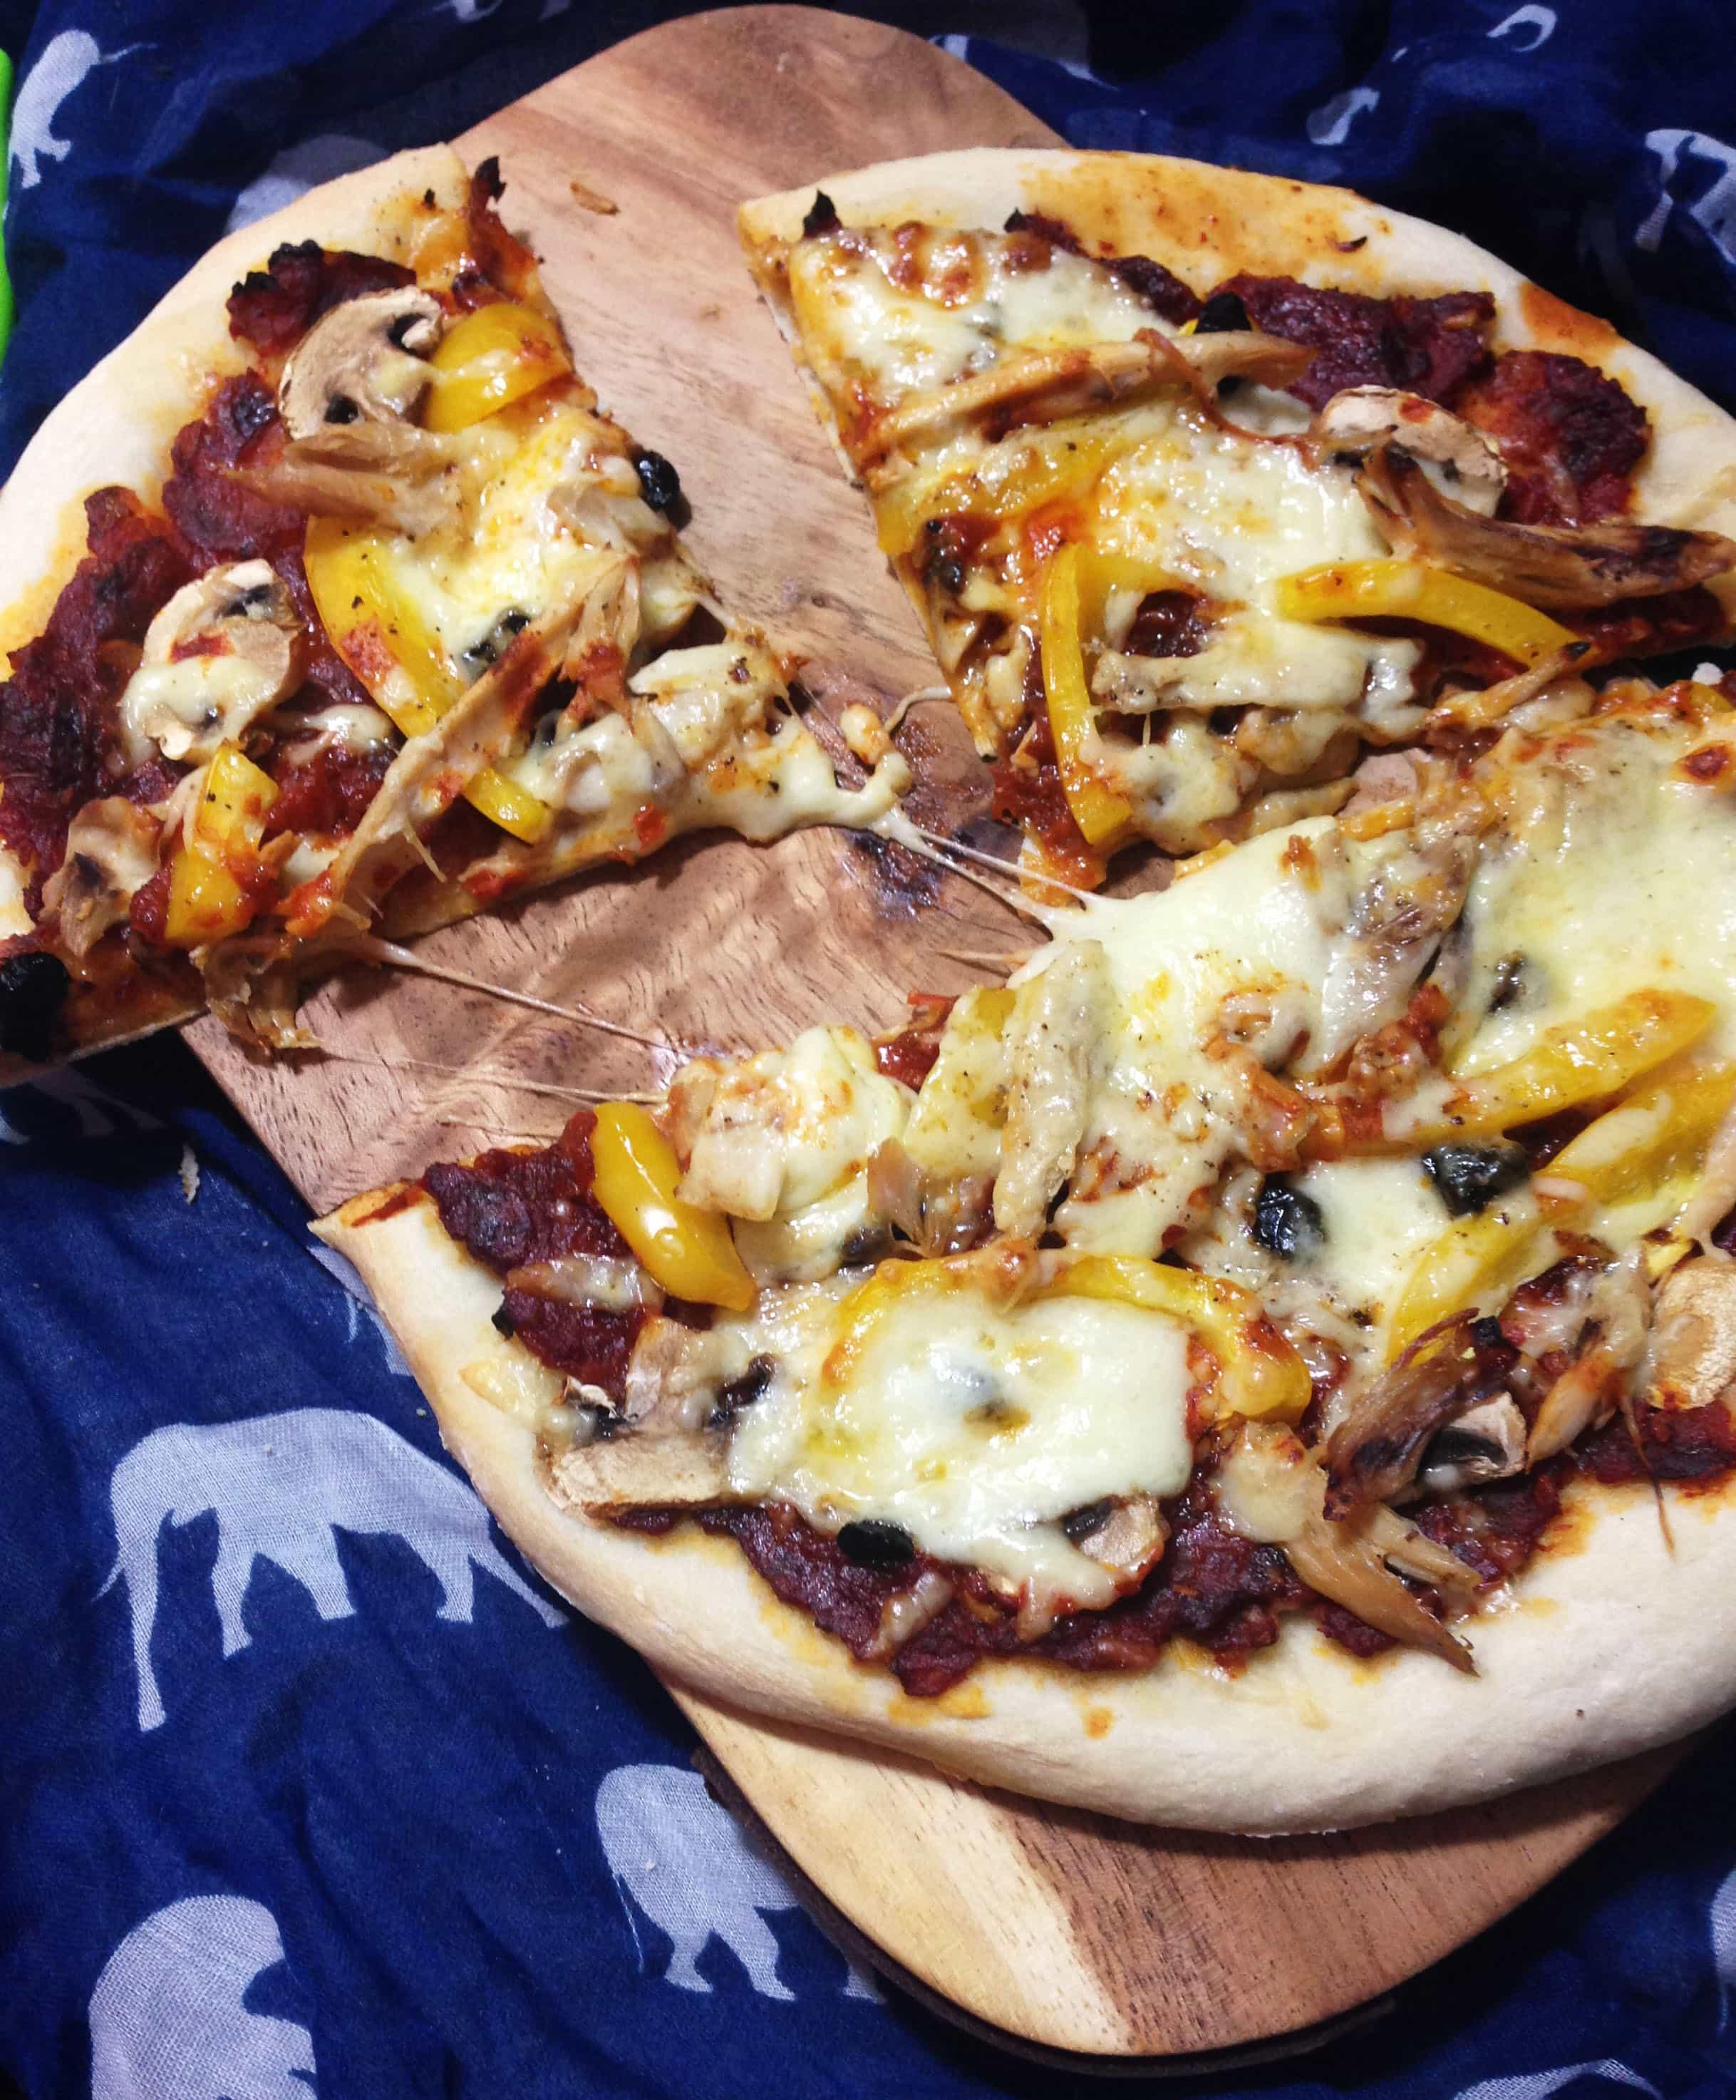 Chicken, Mushroom, Pepper and Black Garlic Pizza